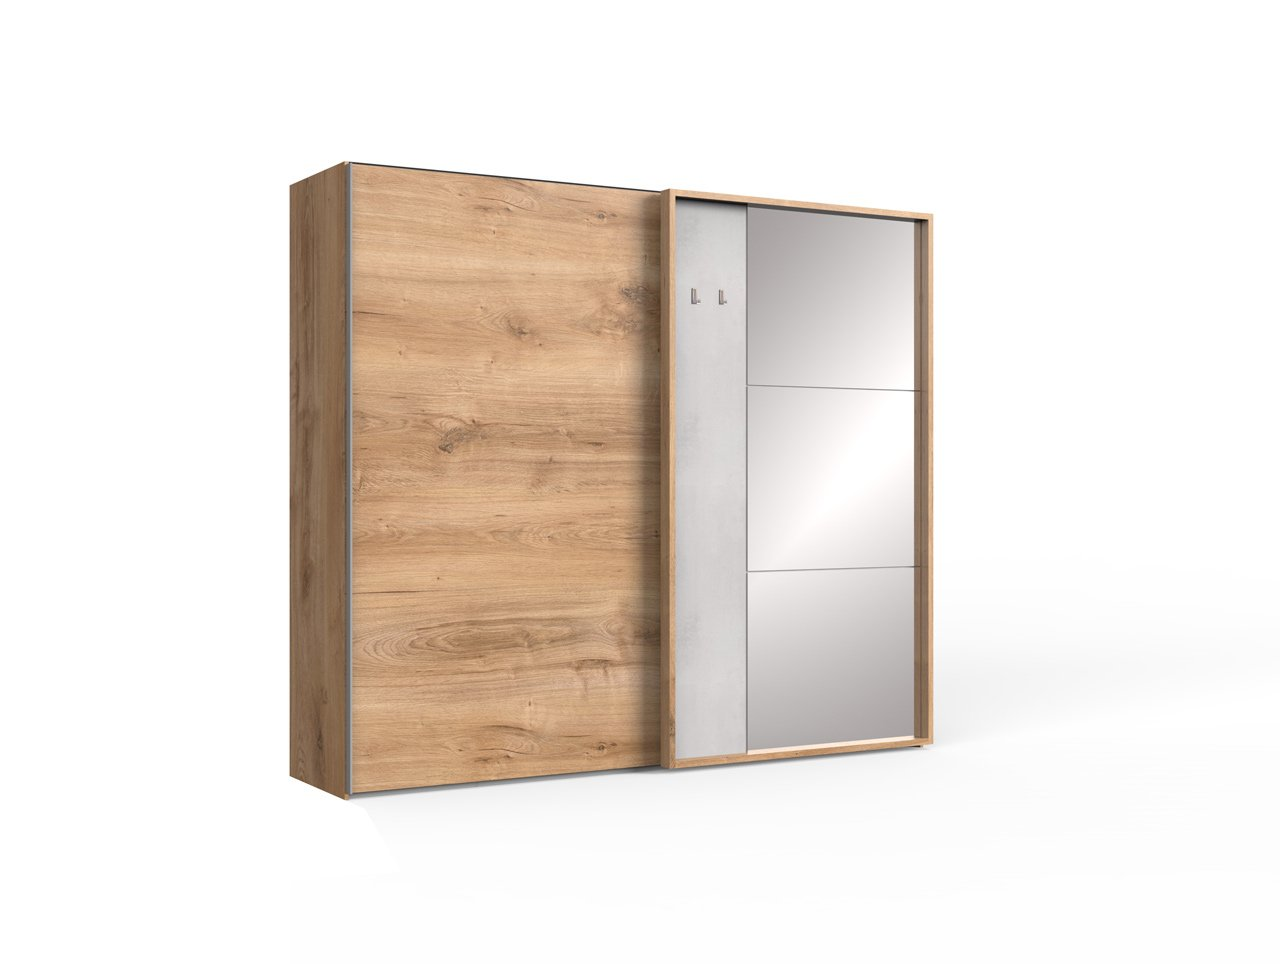 lifestyle4living Kleiderschrank 2-türig in Eiche-/Beton-Dekor | Schwebetürenschrank mit Spiegel und viel Stauraum, ca. 250 cm breit